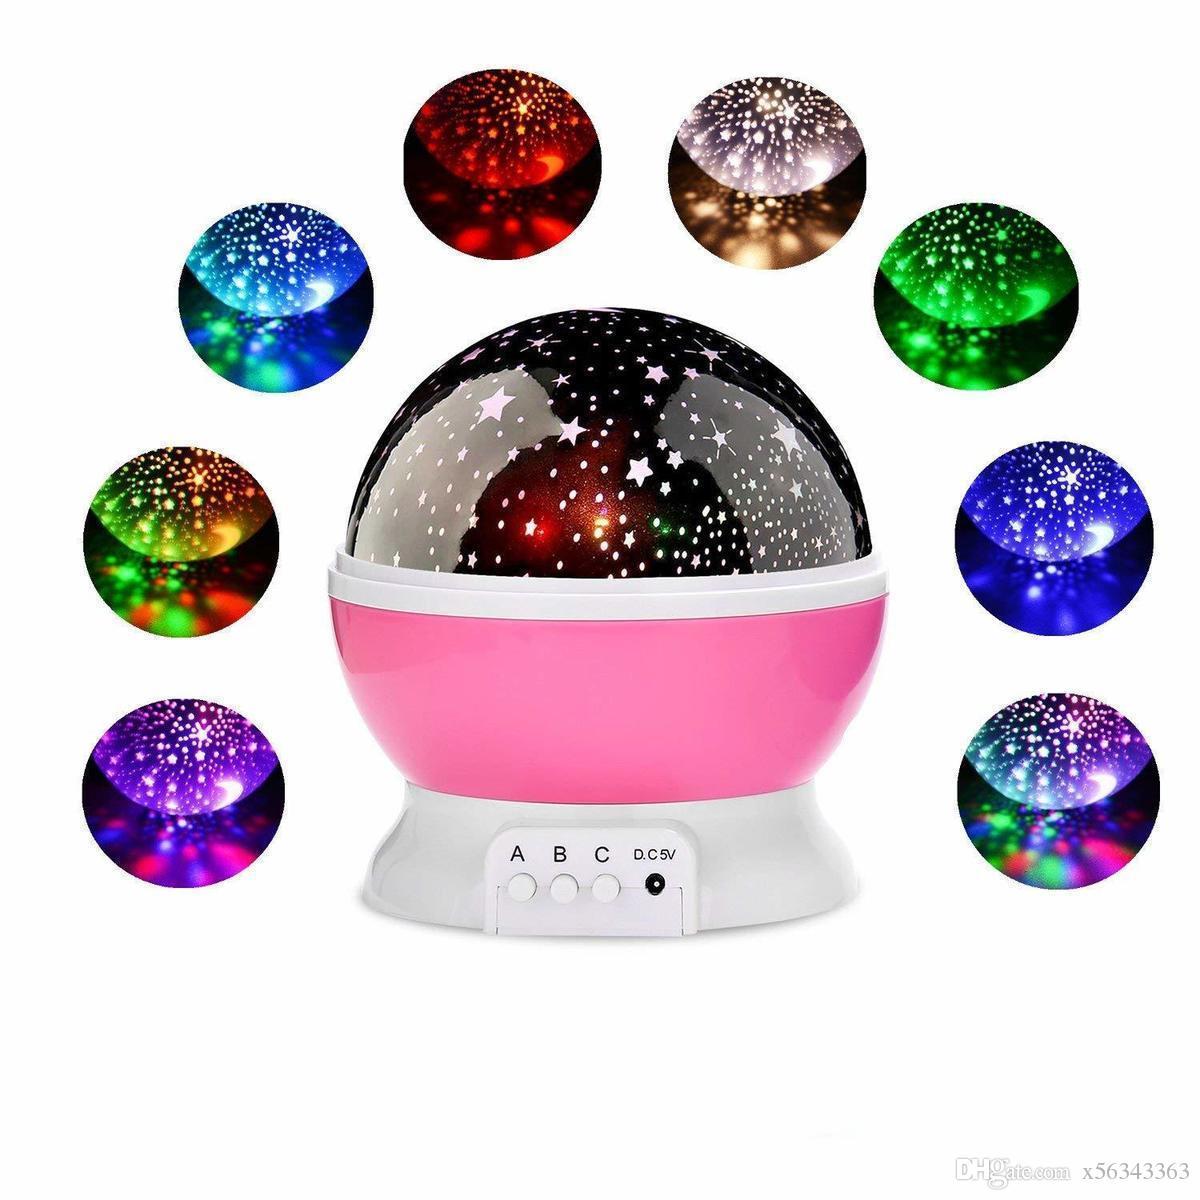 Decorazioni natalizie Stelle Starry Sky LED Night Light Proiettore rotante Moon Lamp Romantico Camera da letto Comodino per bambini Regali per bambini